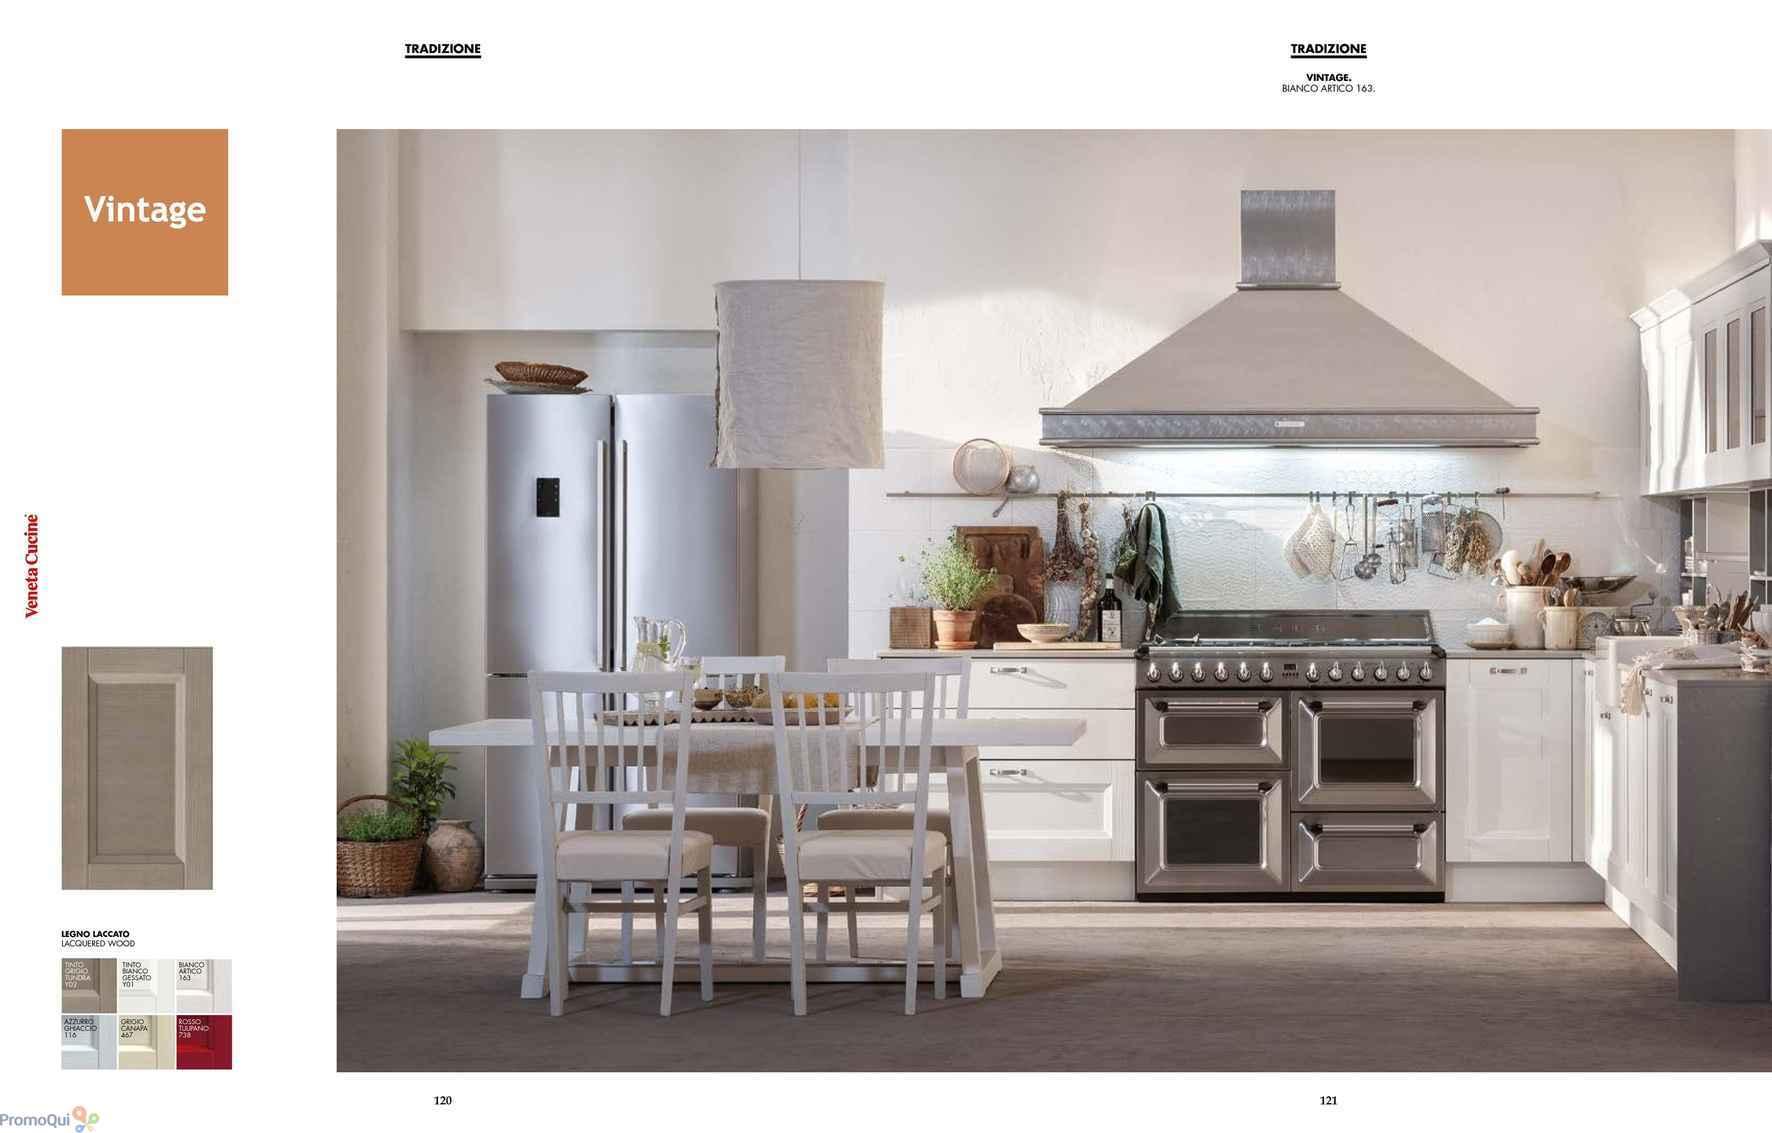 Volantino Veneta Cucine - Collezione - offerte Arredamento